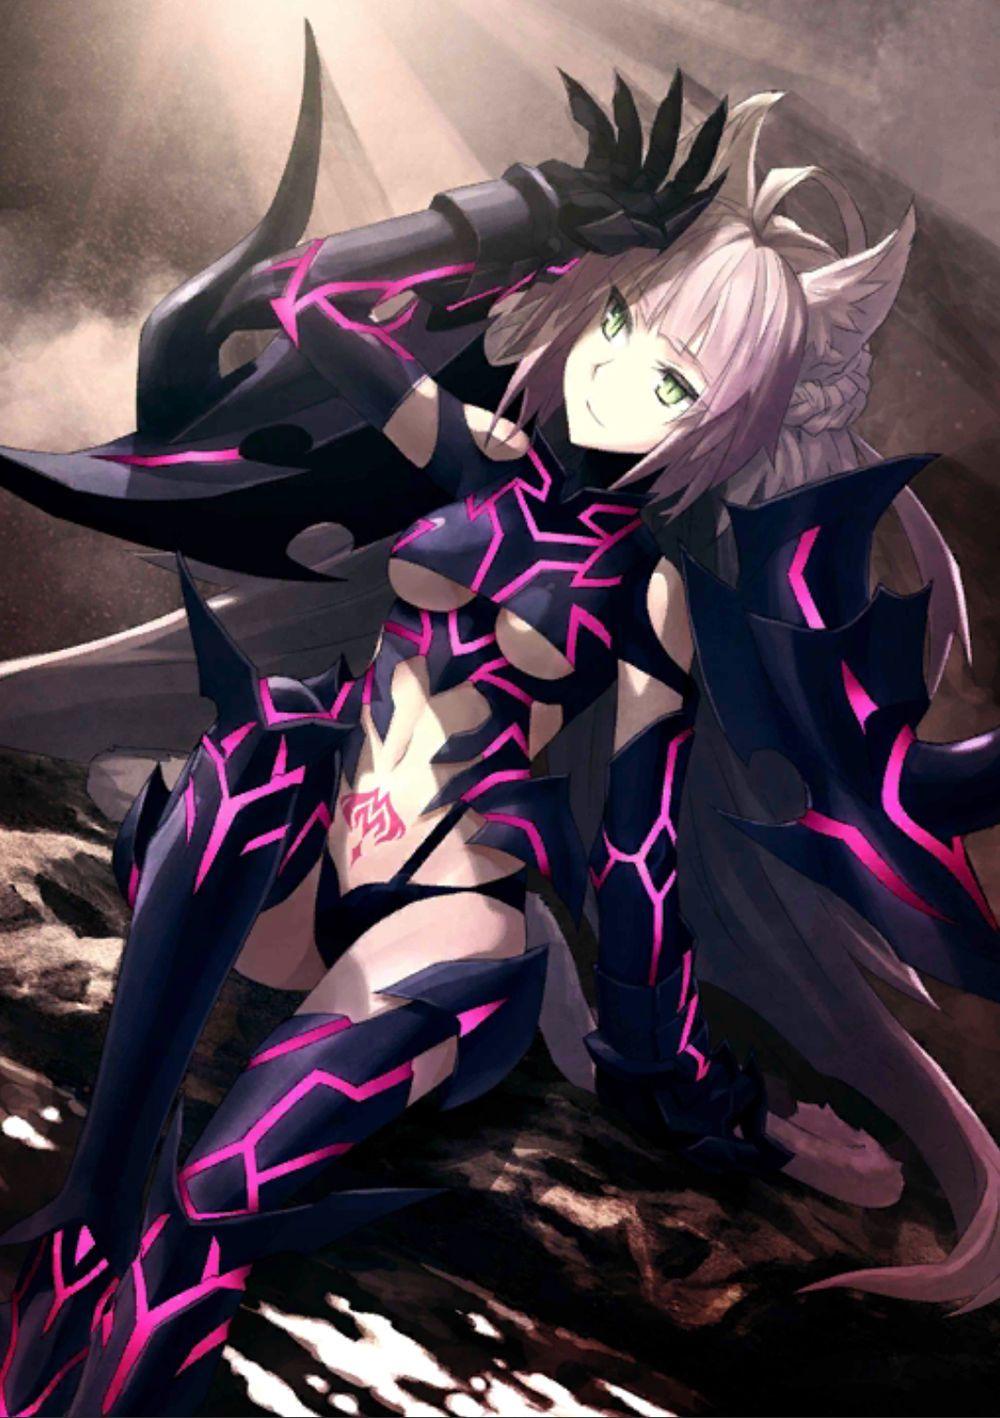 Berserker Fate Grand Order Atalanta Alter